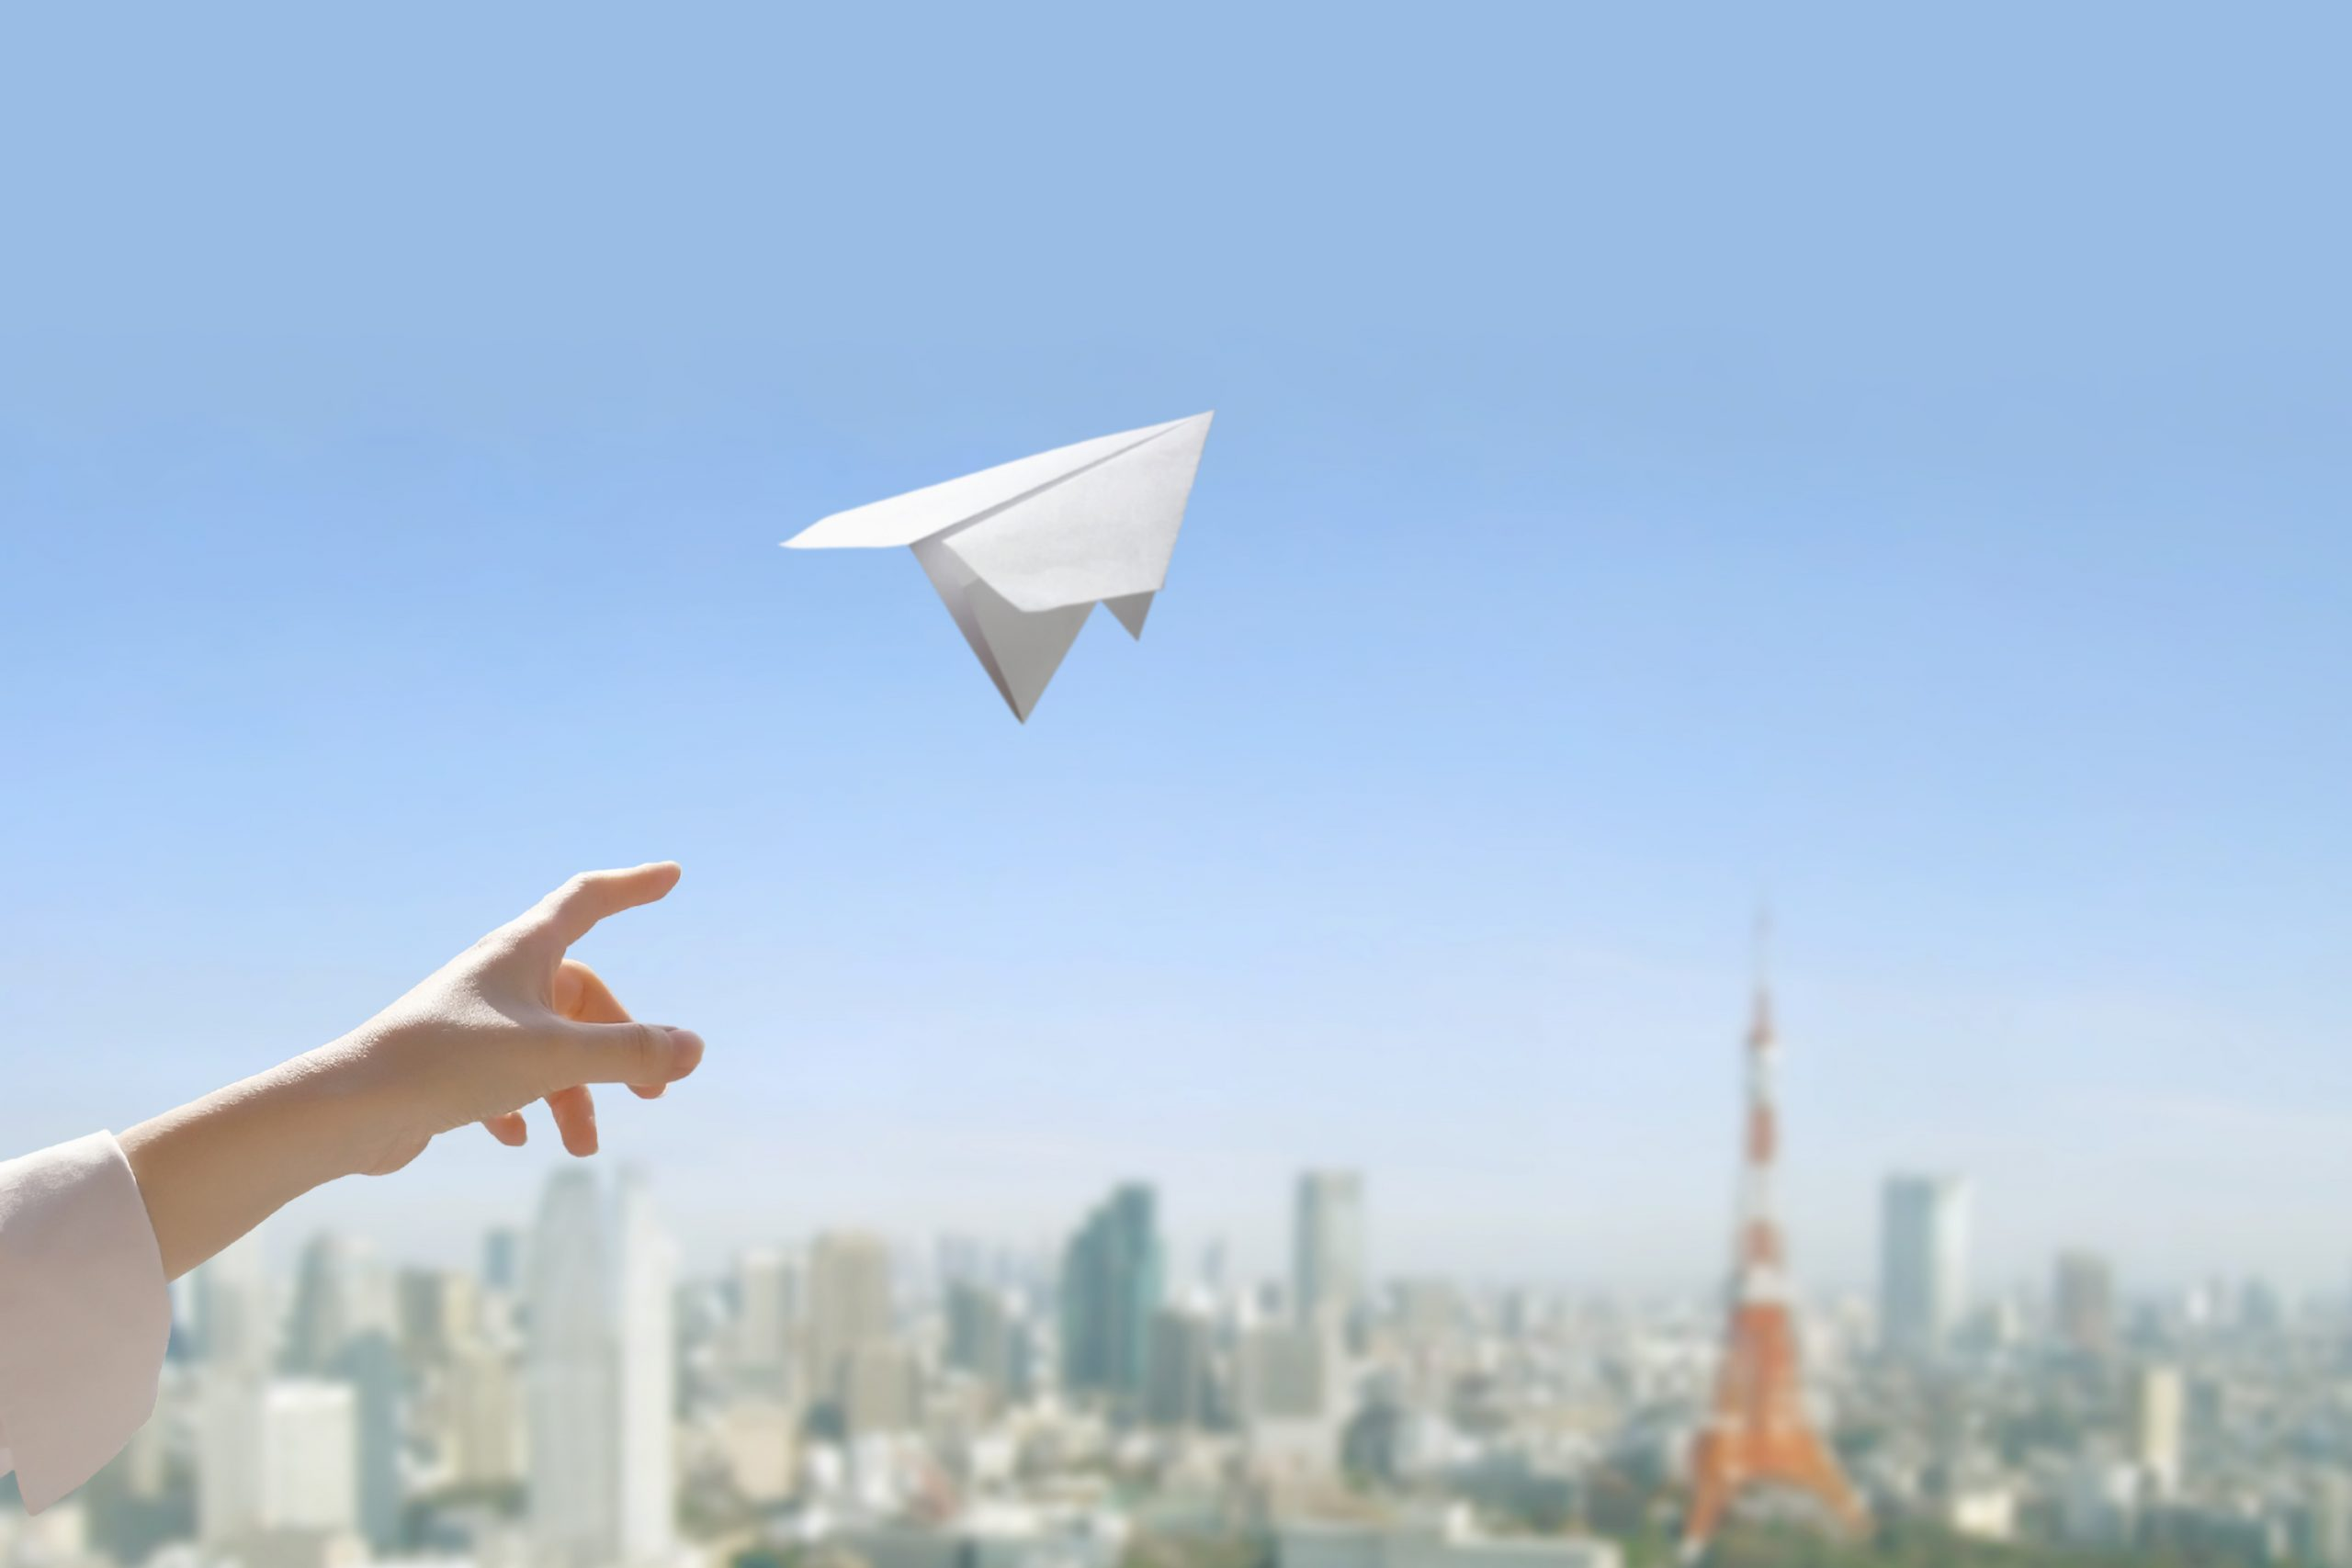 紙飛行機を飛ばすイメージ